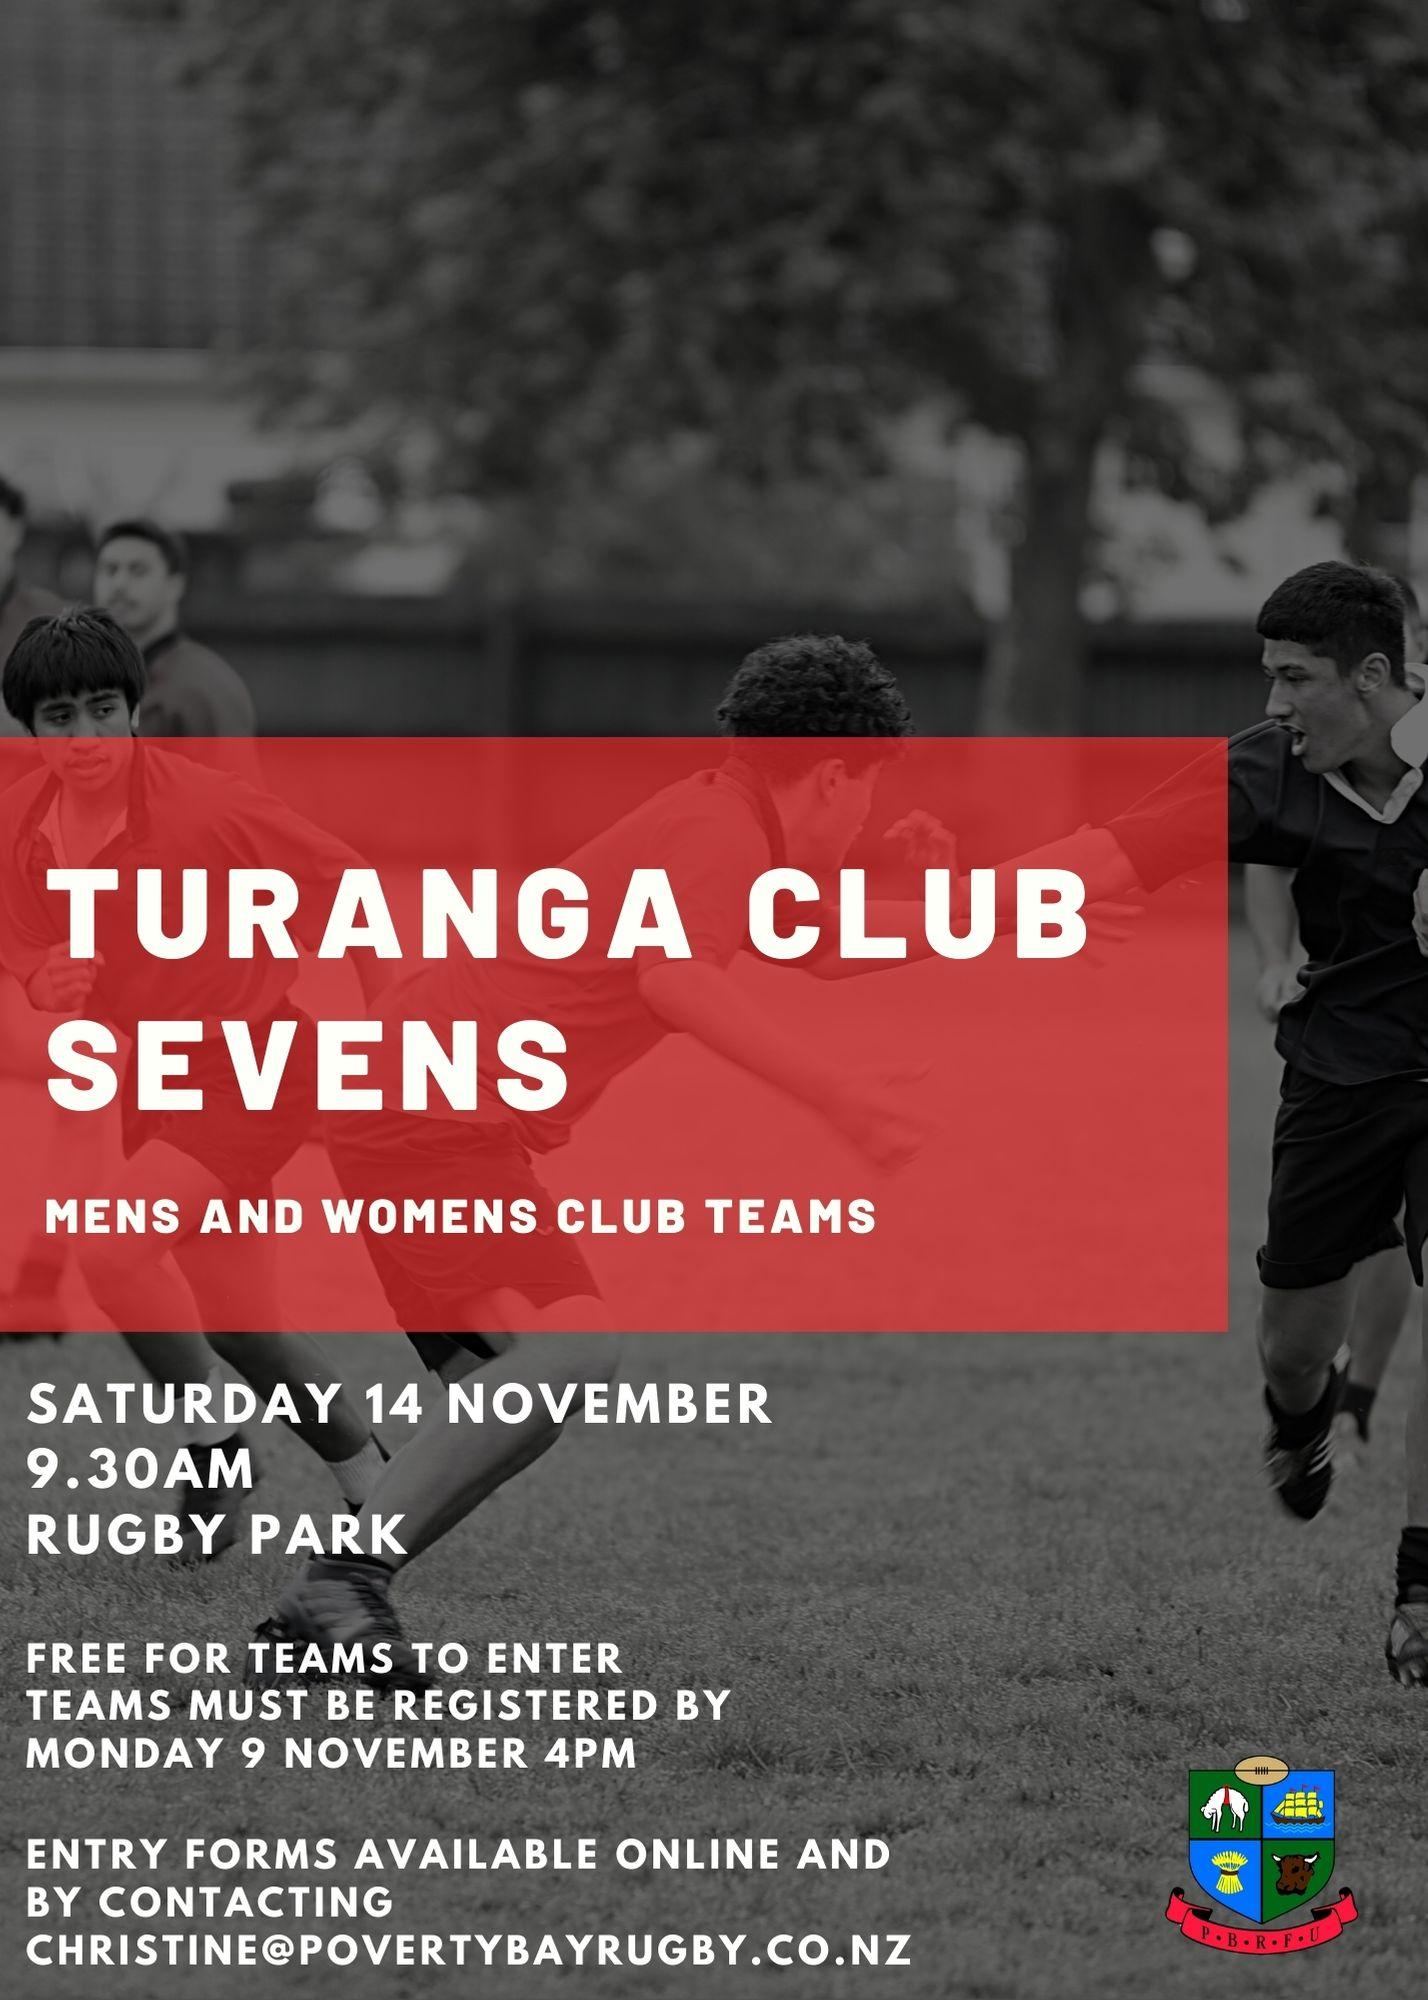 Turanga Club Sevens